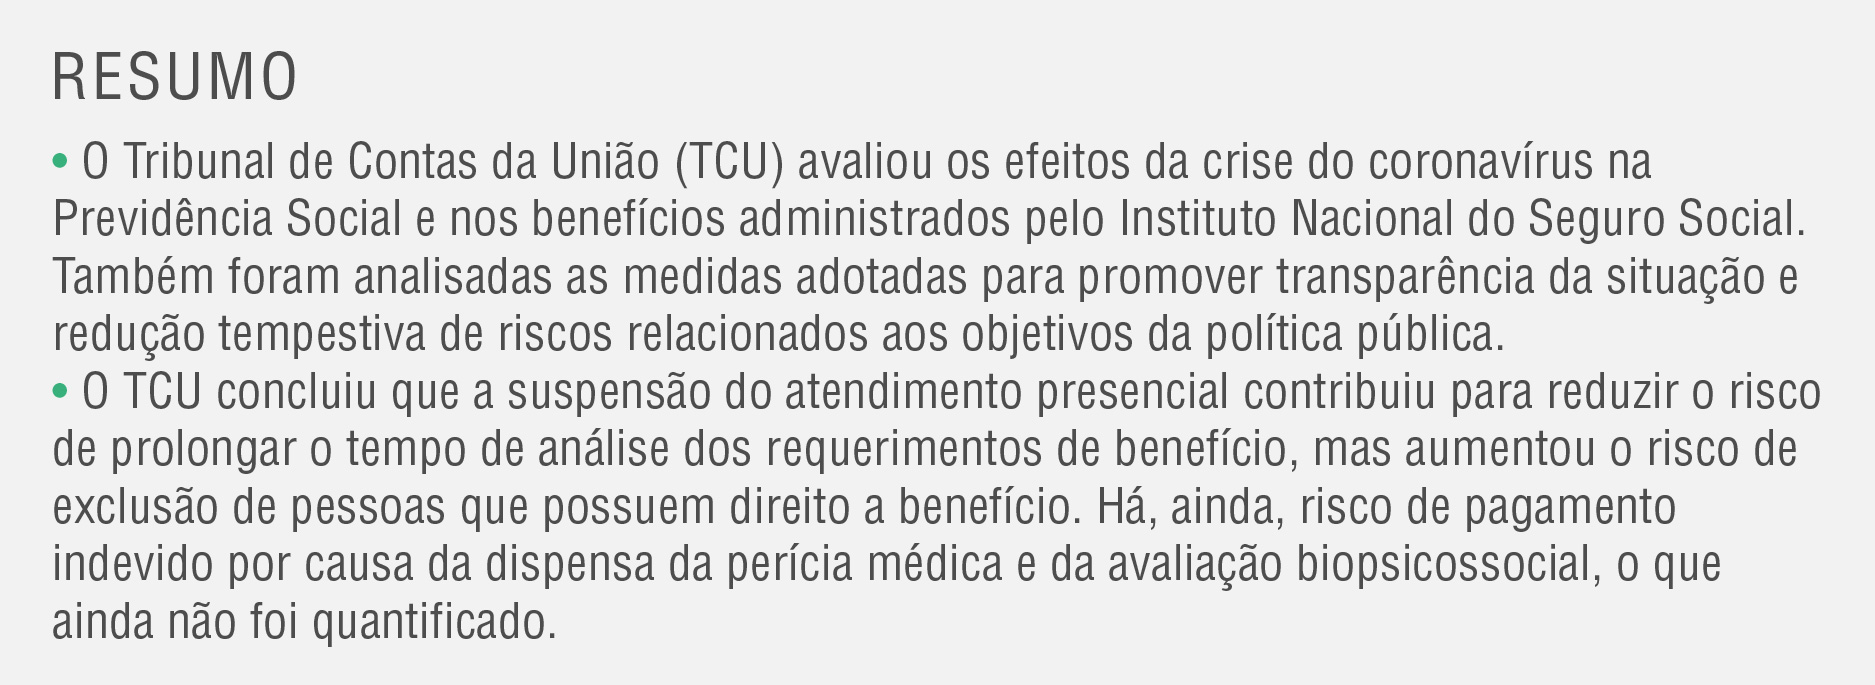 Quadro_resumo_secexprevidencia-01.jpg